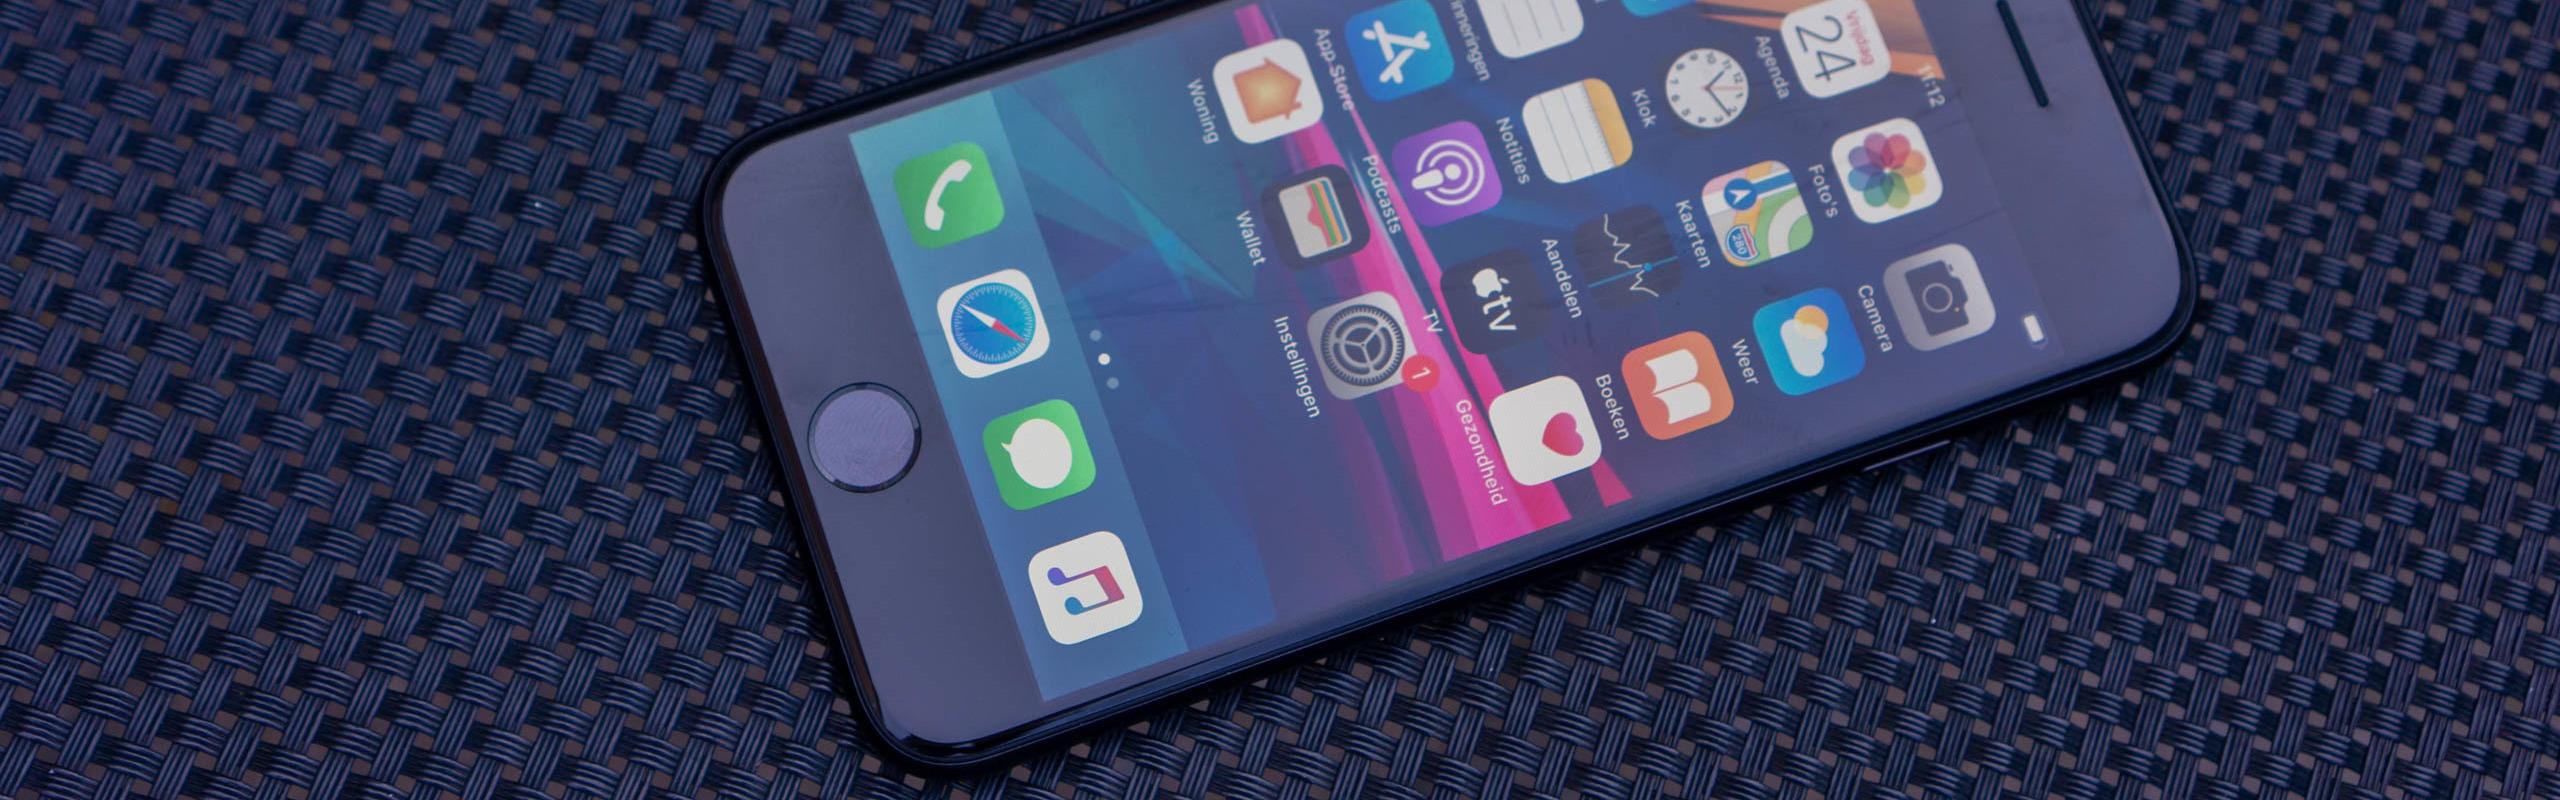 Apple Iphone Se 2020 Review Inleiding Tweakers